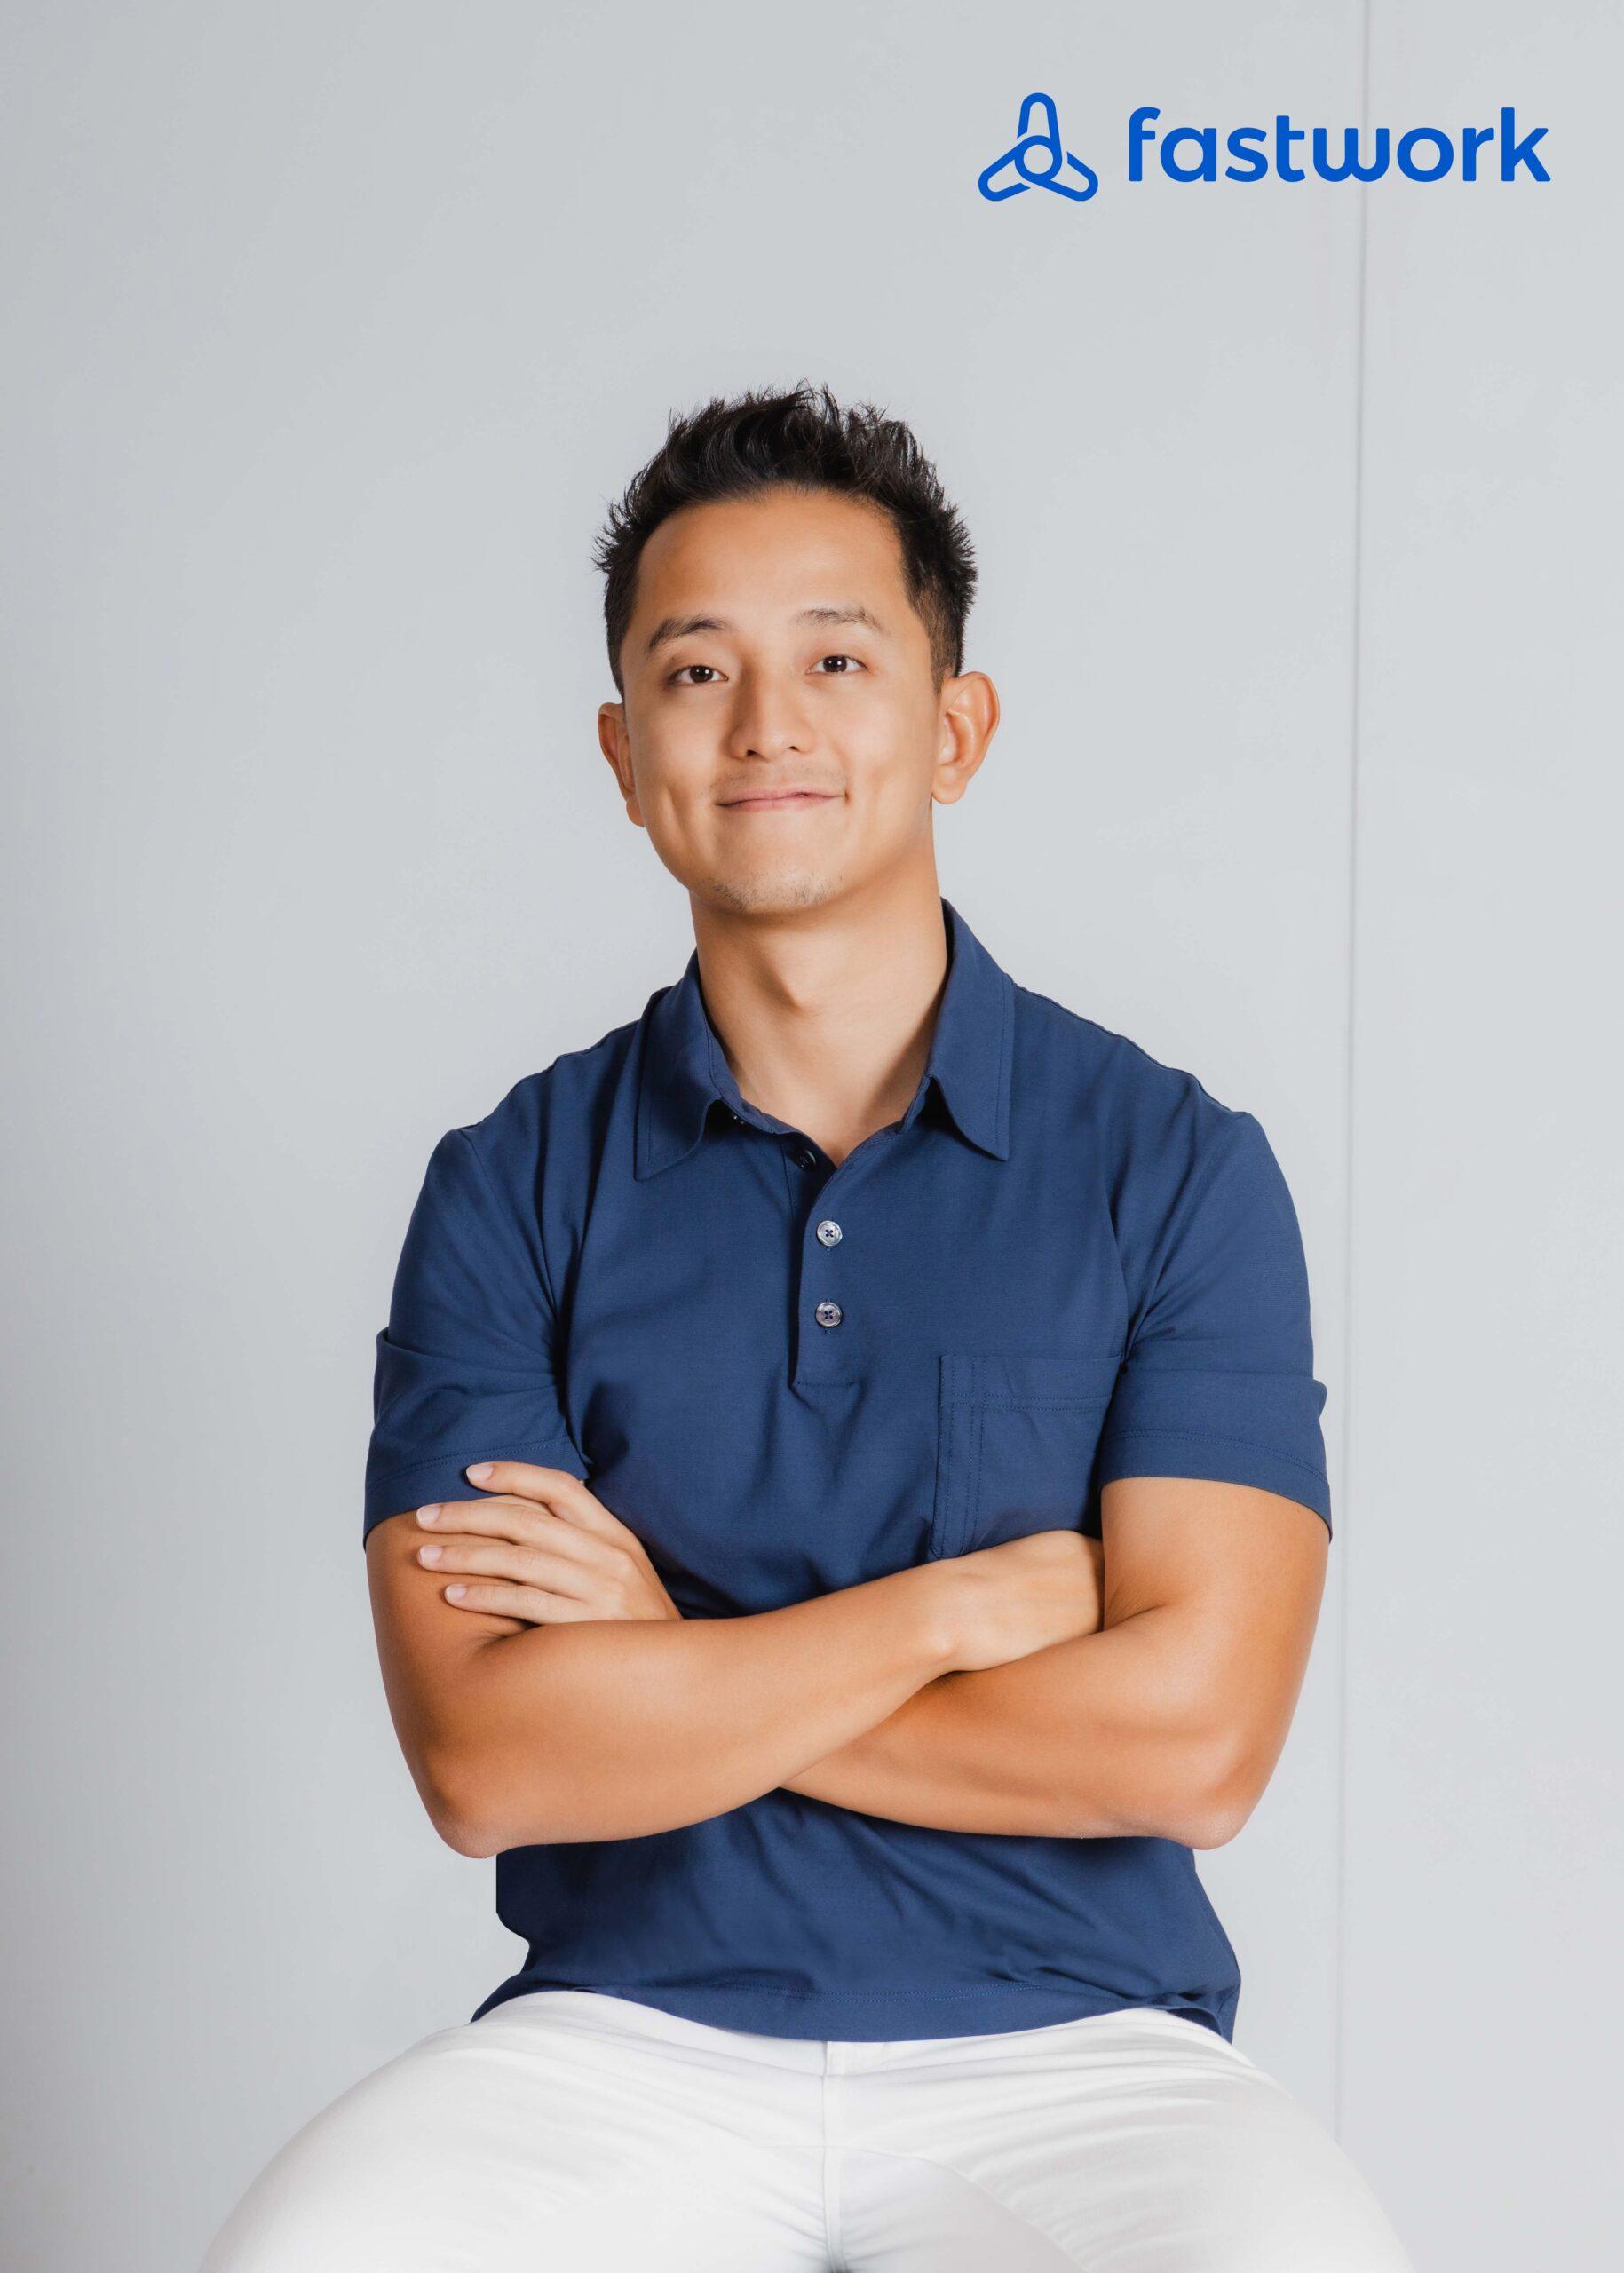 คุณซีเค เจิง (CK Cheong) หนึ่งในผู้บริหารชุดใหม่ของ Fastwork Technologies